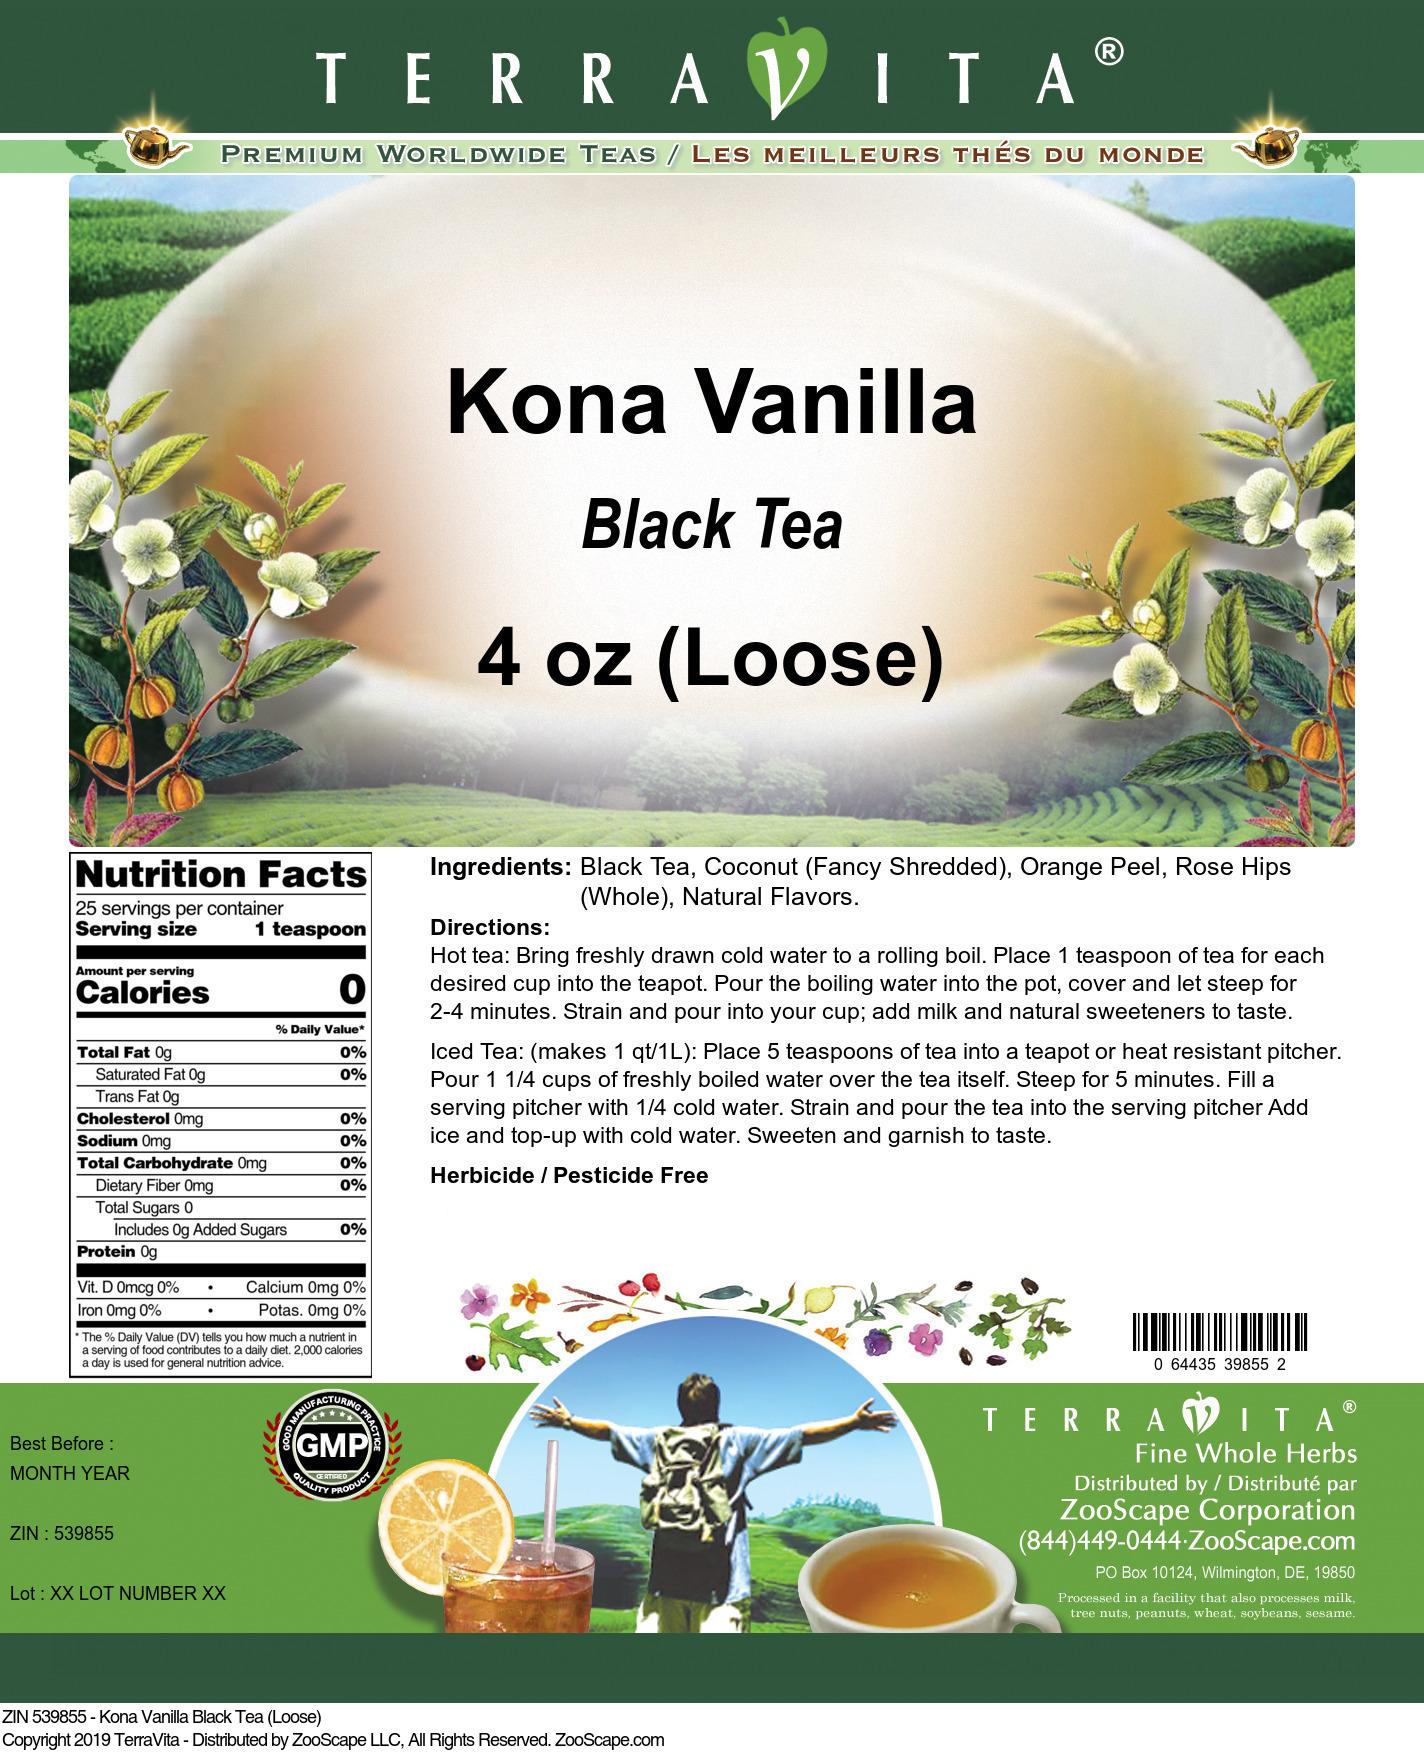 Kona Vanilla Black Tea